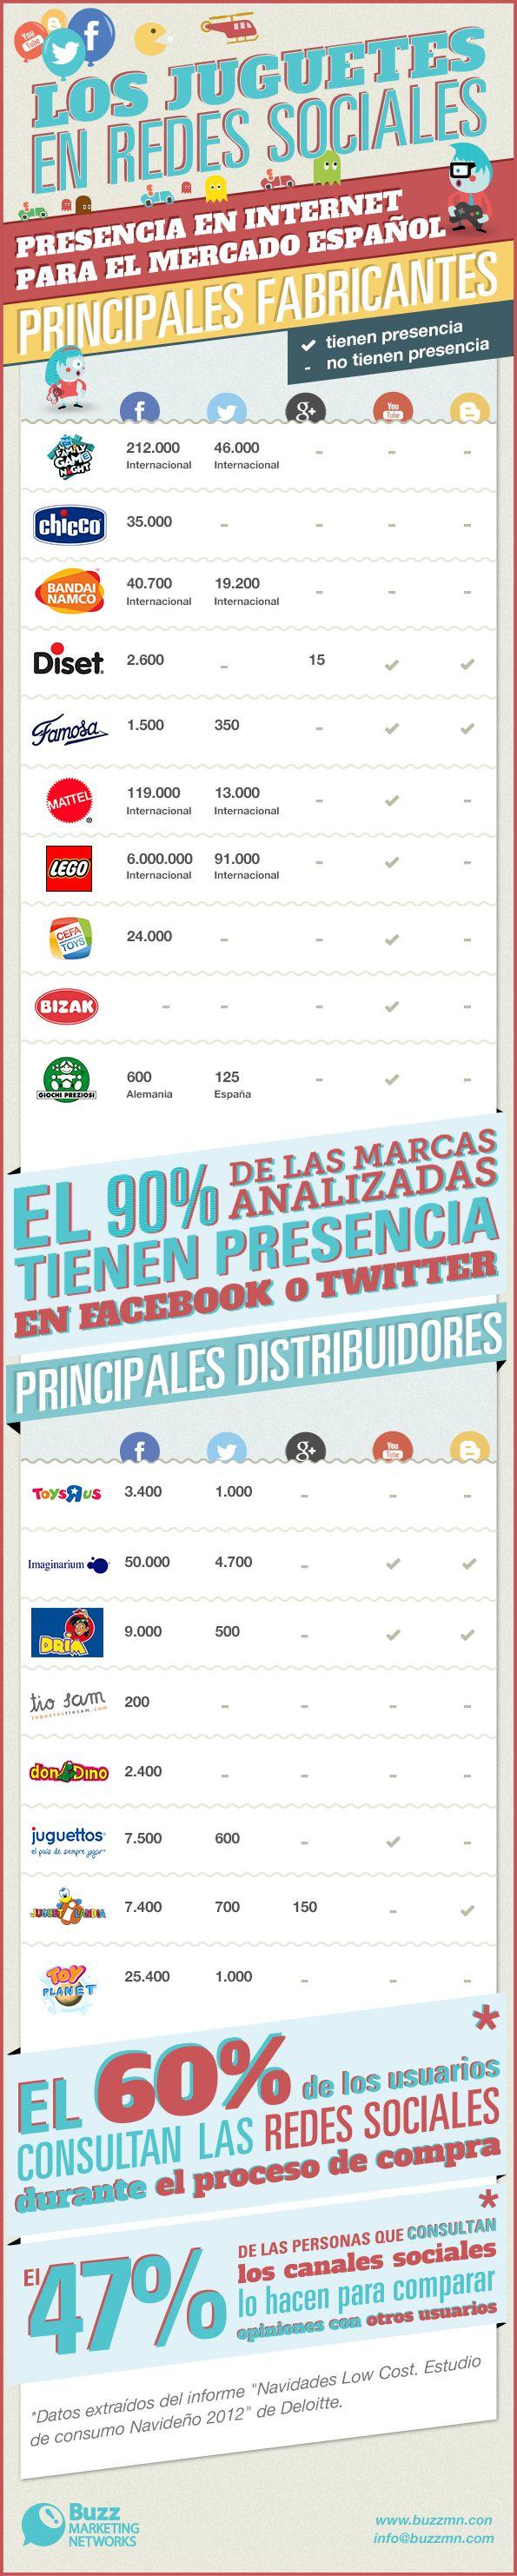 Las principales marcas de juguetes en España tienen presencia en redes sociales. La mayoría están en Facebook (90%) y Twitter (60%) pero existen grandes diferencias entre ellas, tanto en volumen de fans como en nivel de engagement con sus contenidos. Marcas que son líderes en el mercado no lo son en redes sociales, y marcas más...